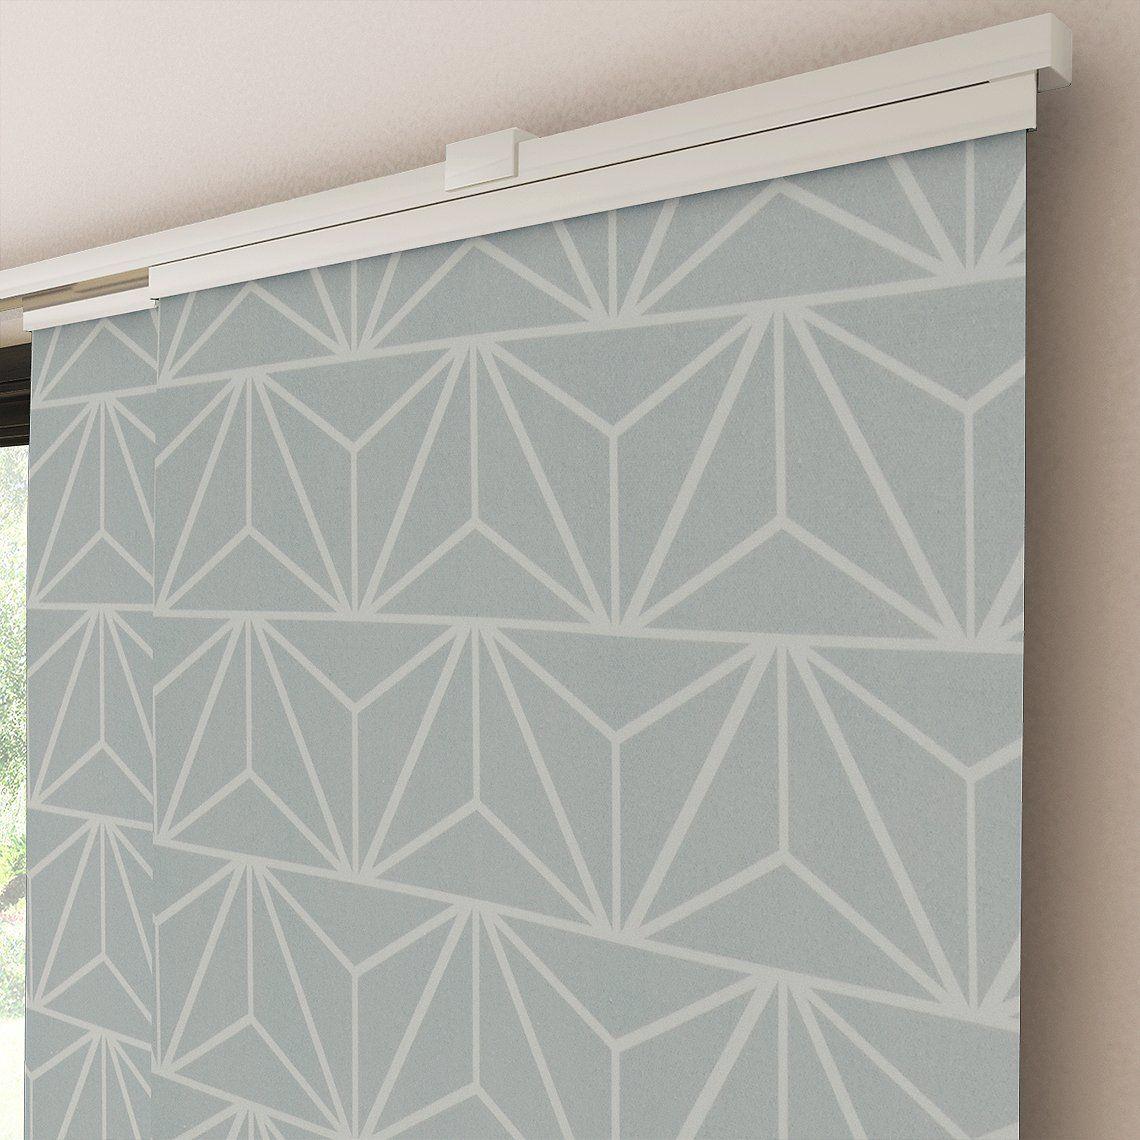 tissu saint maclou superior papier peint saint maclou tissus grand choix de parquet moquette. Black Bedroom Furniture Sets. Home Design Ideas